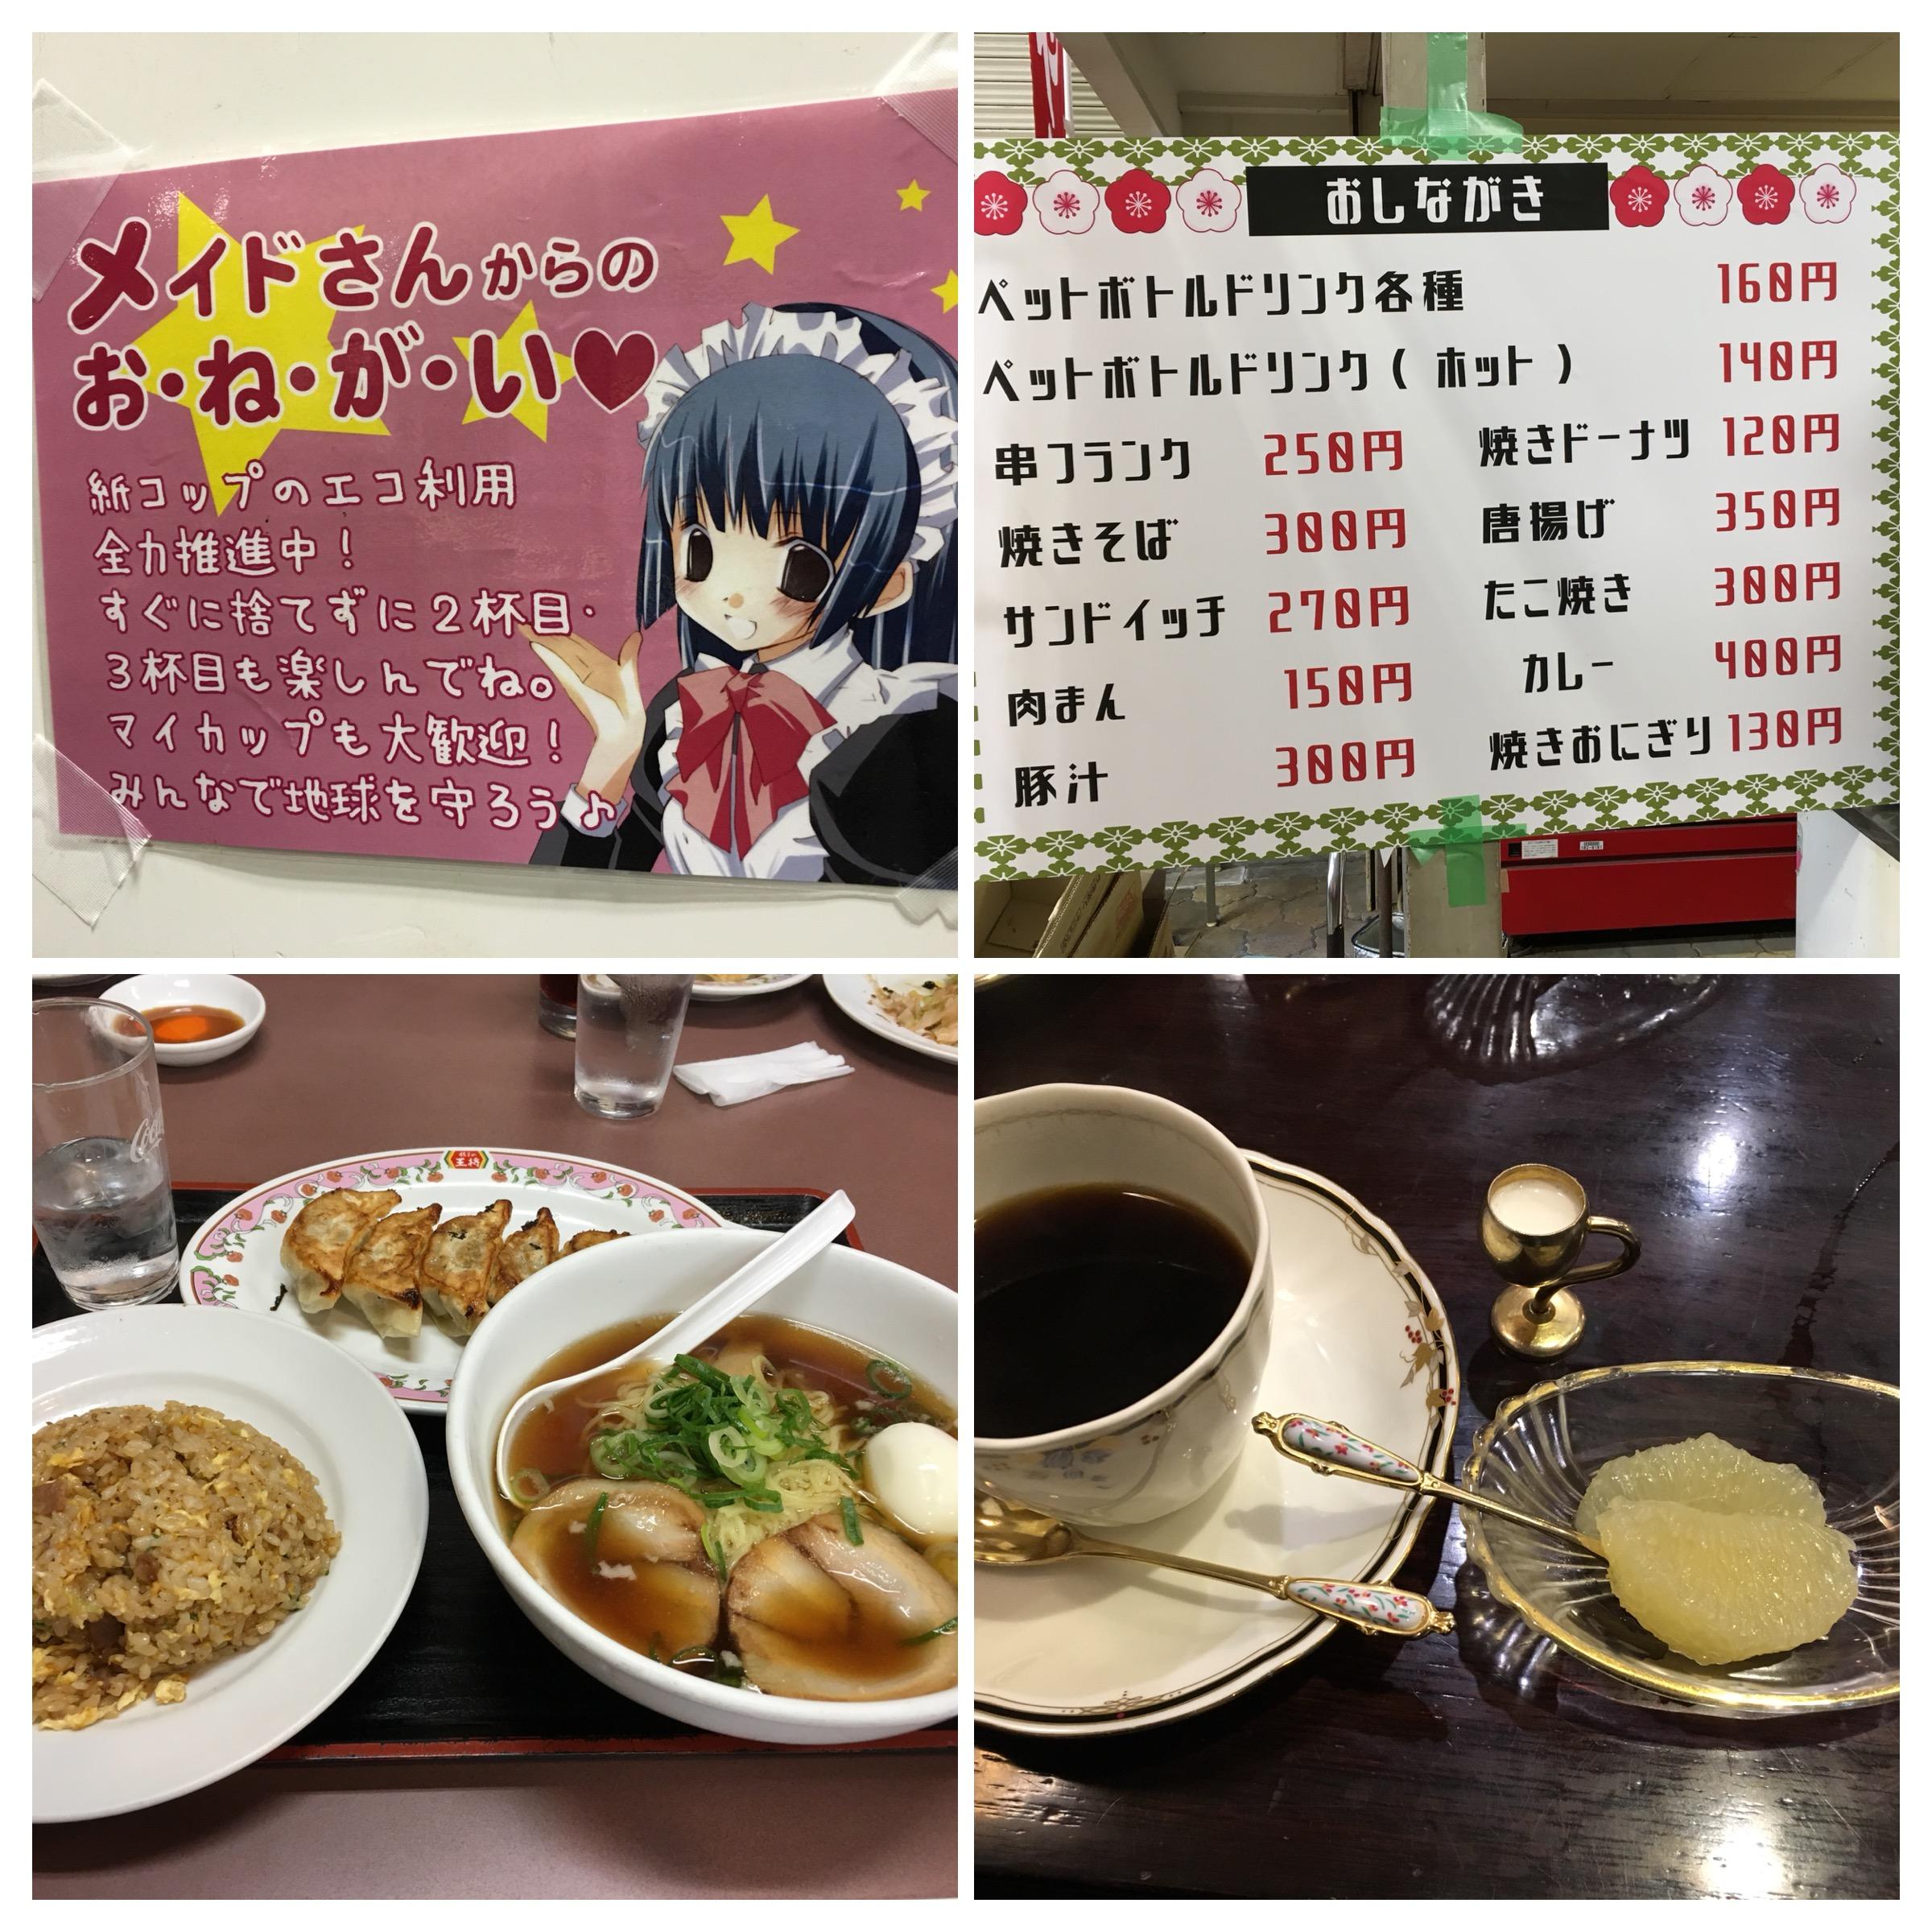 こみトレ29食べ物の写真